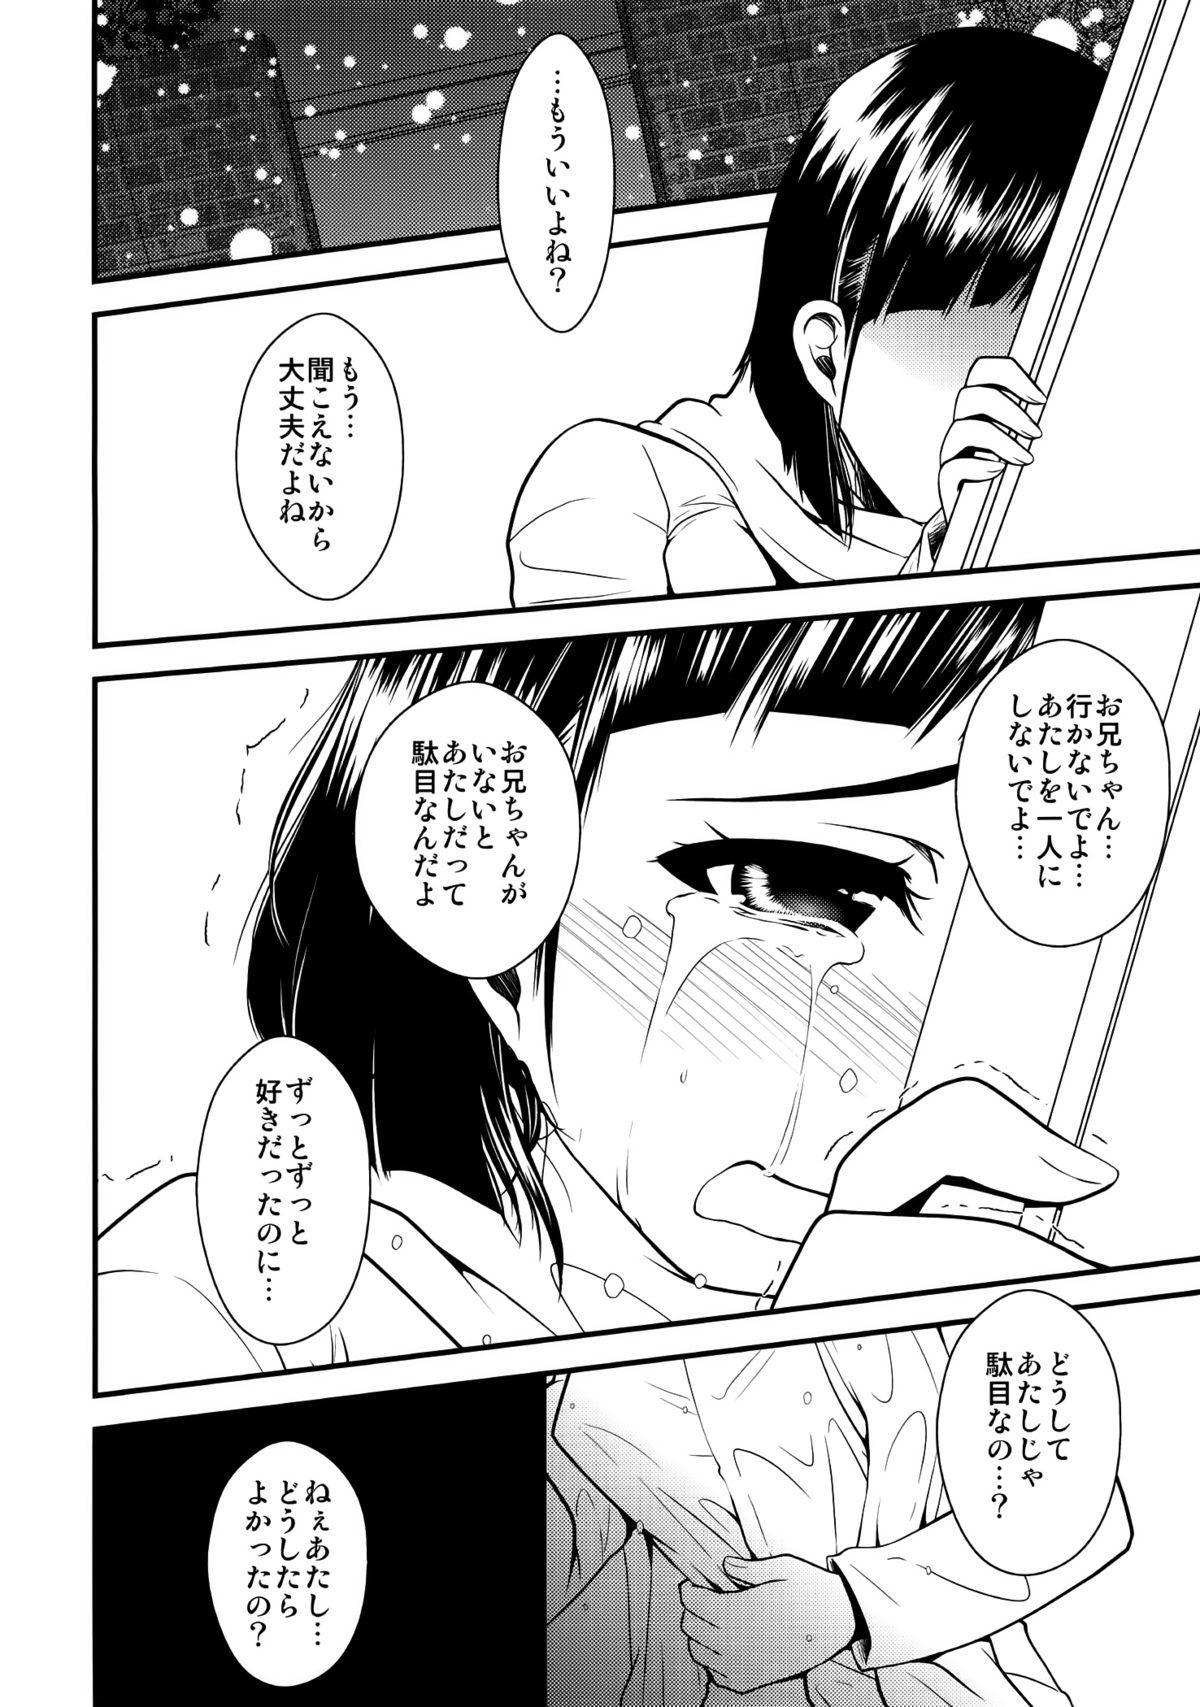 Wakuraba Ochite Kimi Idaku Hibi 34